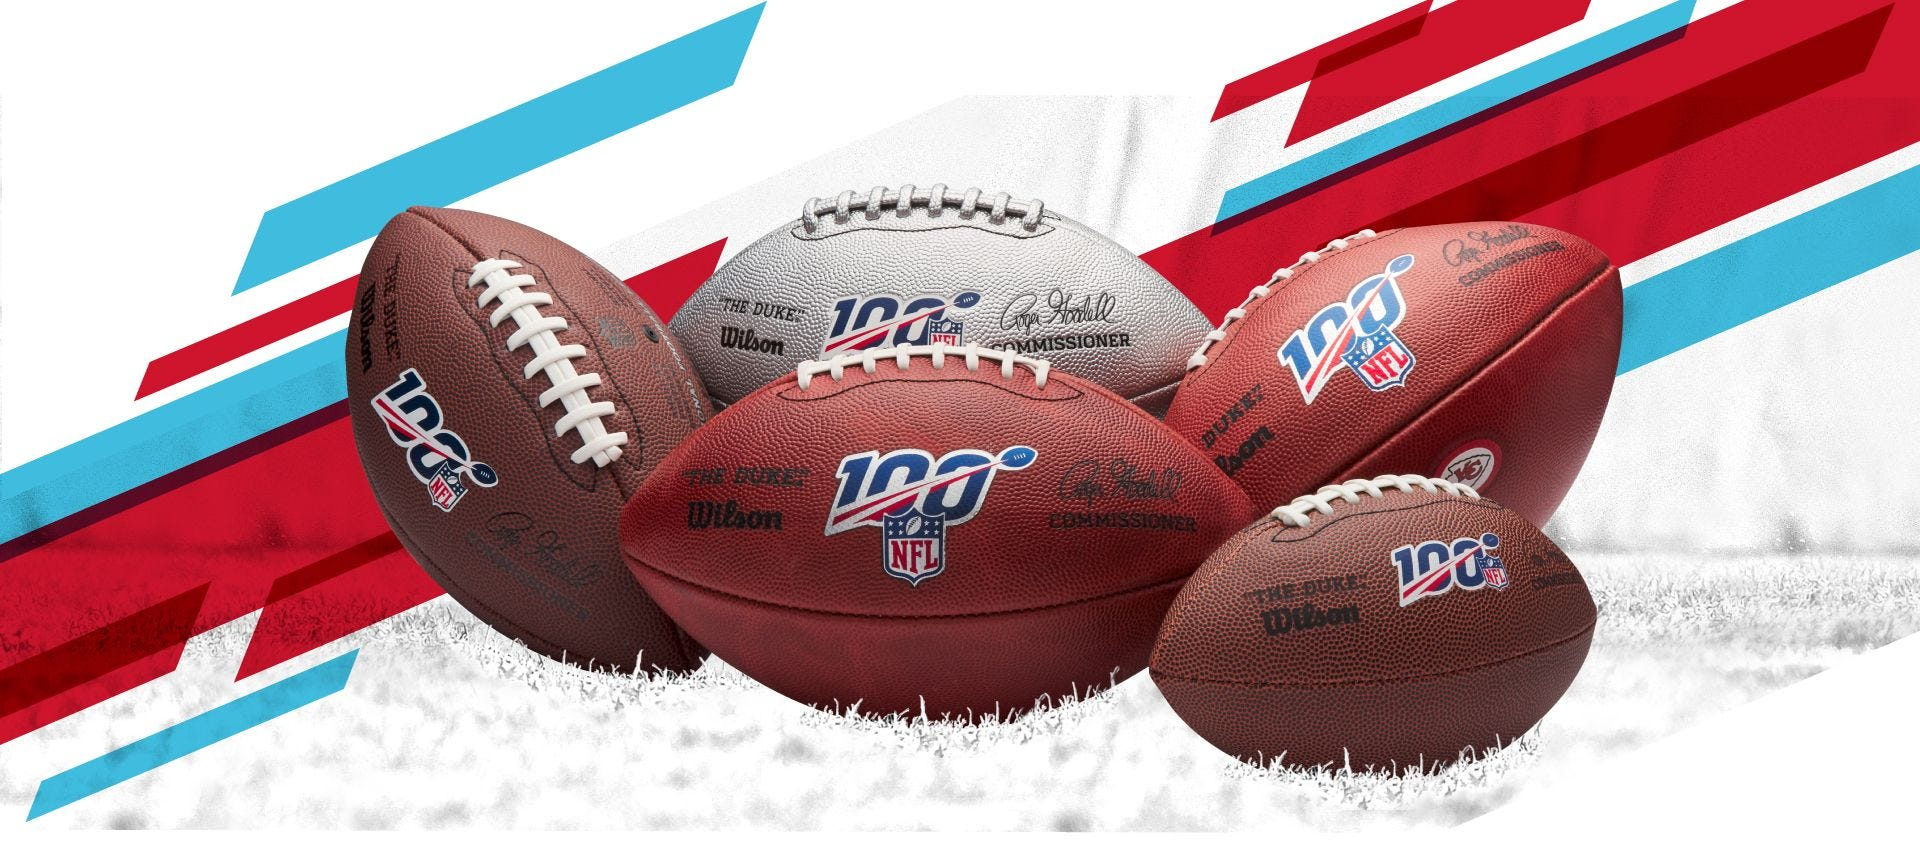 NFL Commemorative Footballs